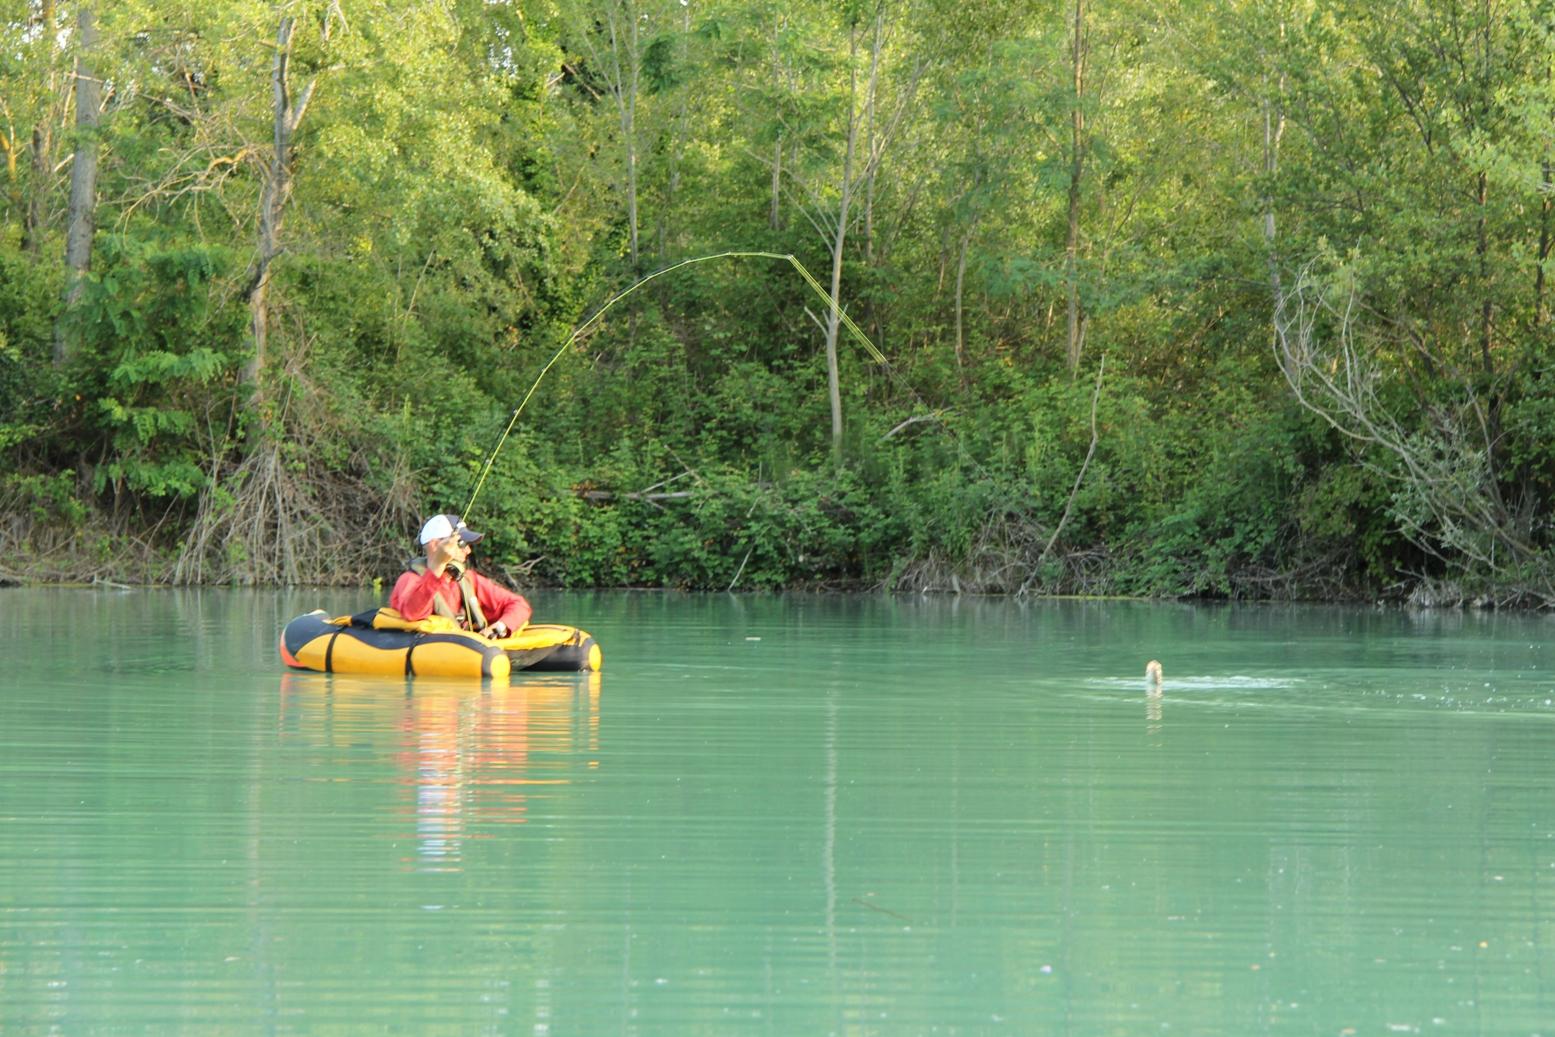 Scaricare attraverso un torrente un gioco la pesca reale